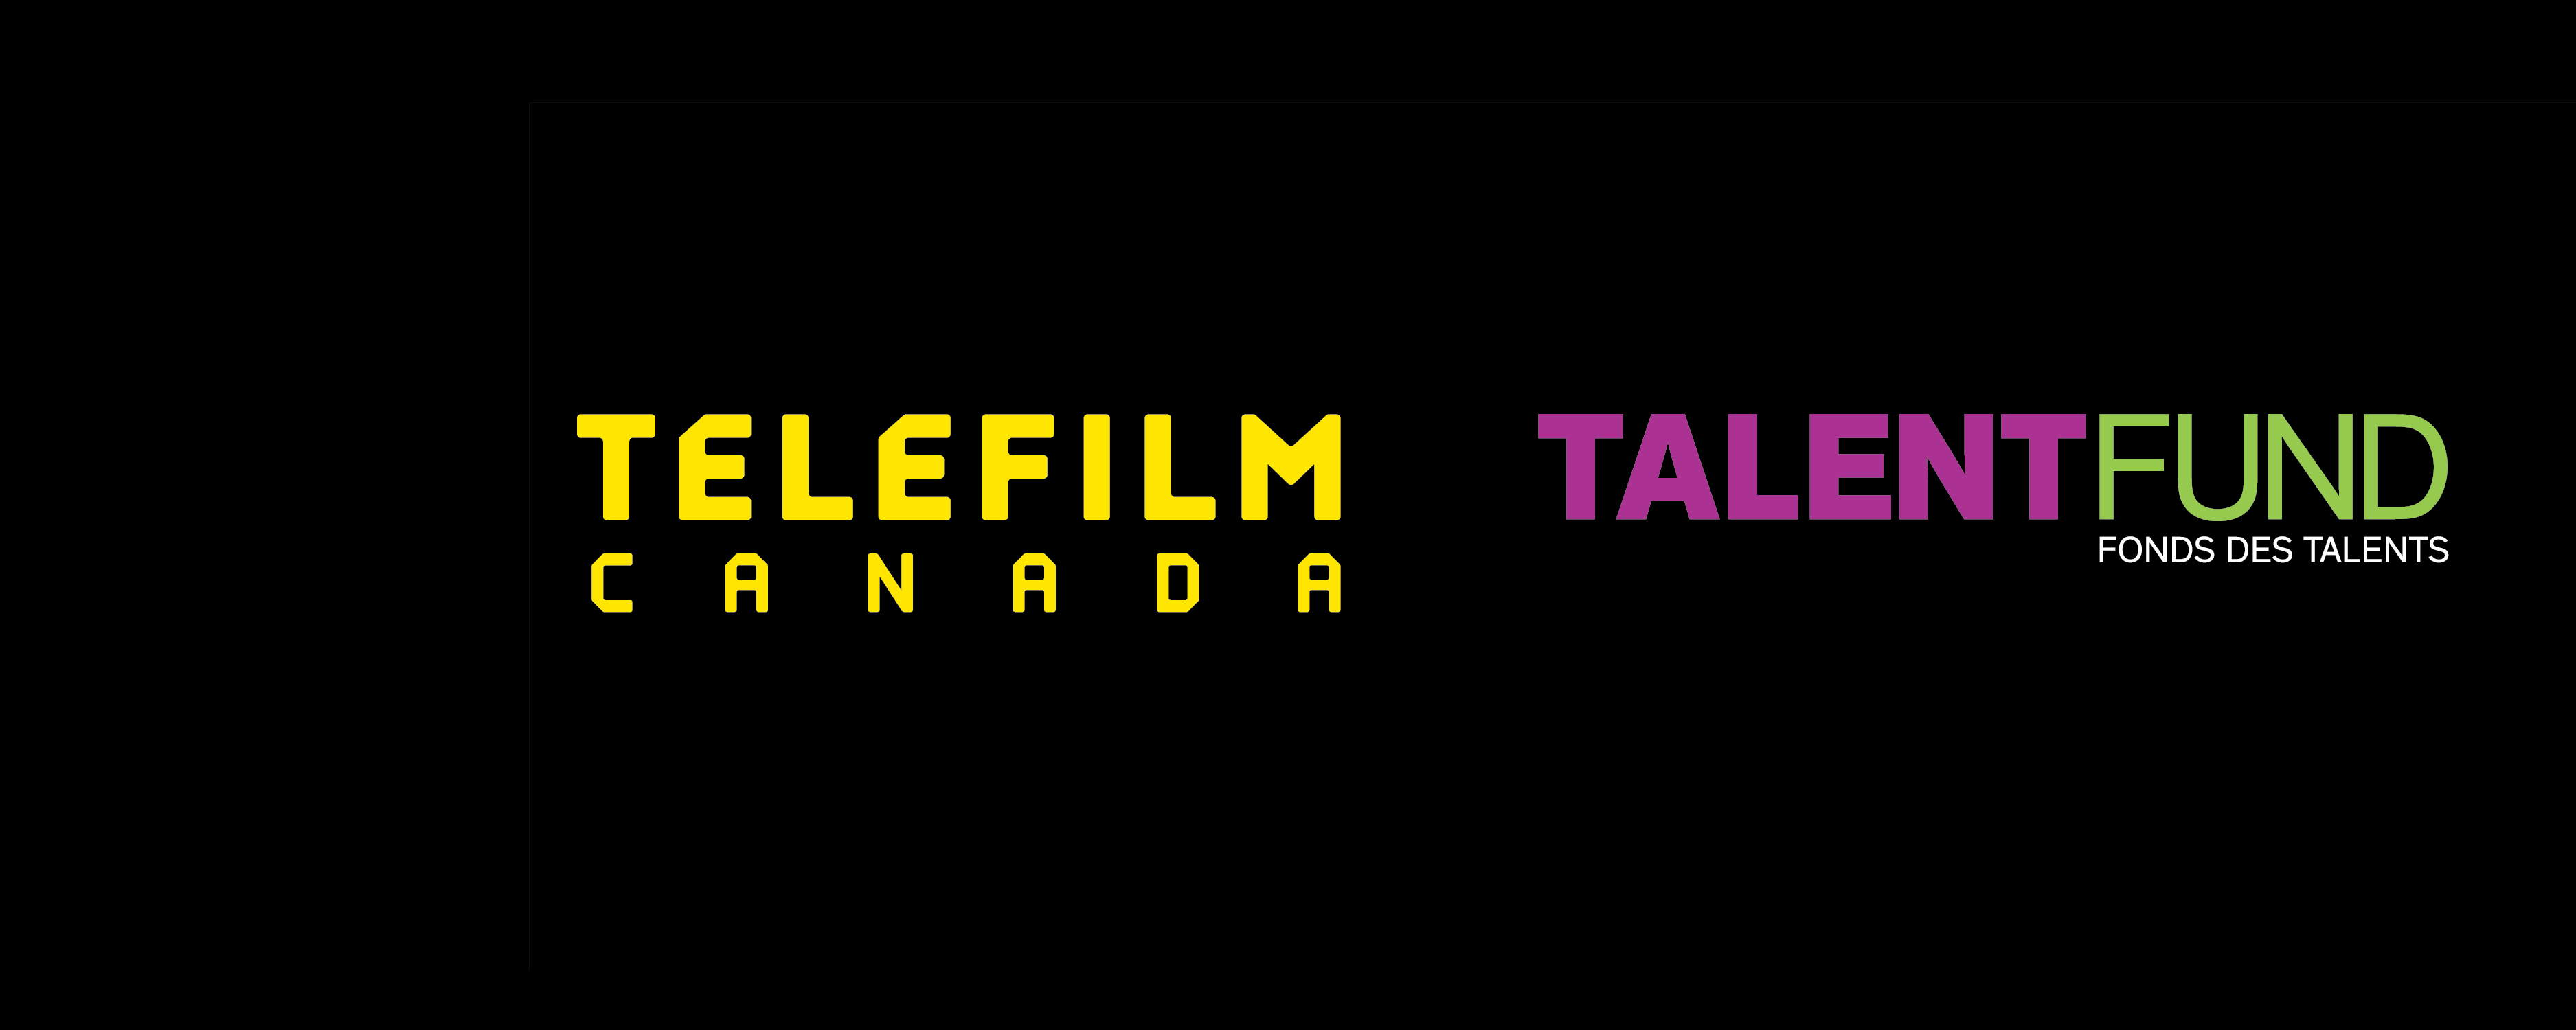 Telefilm Talent to Watch